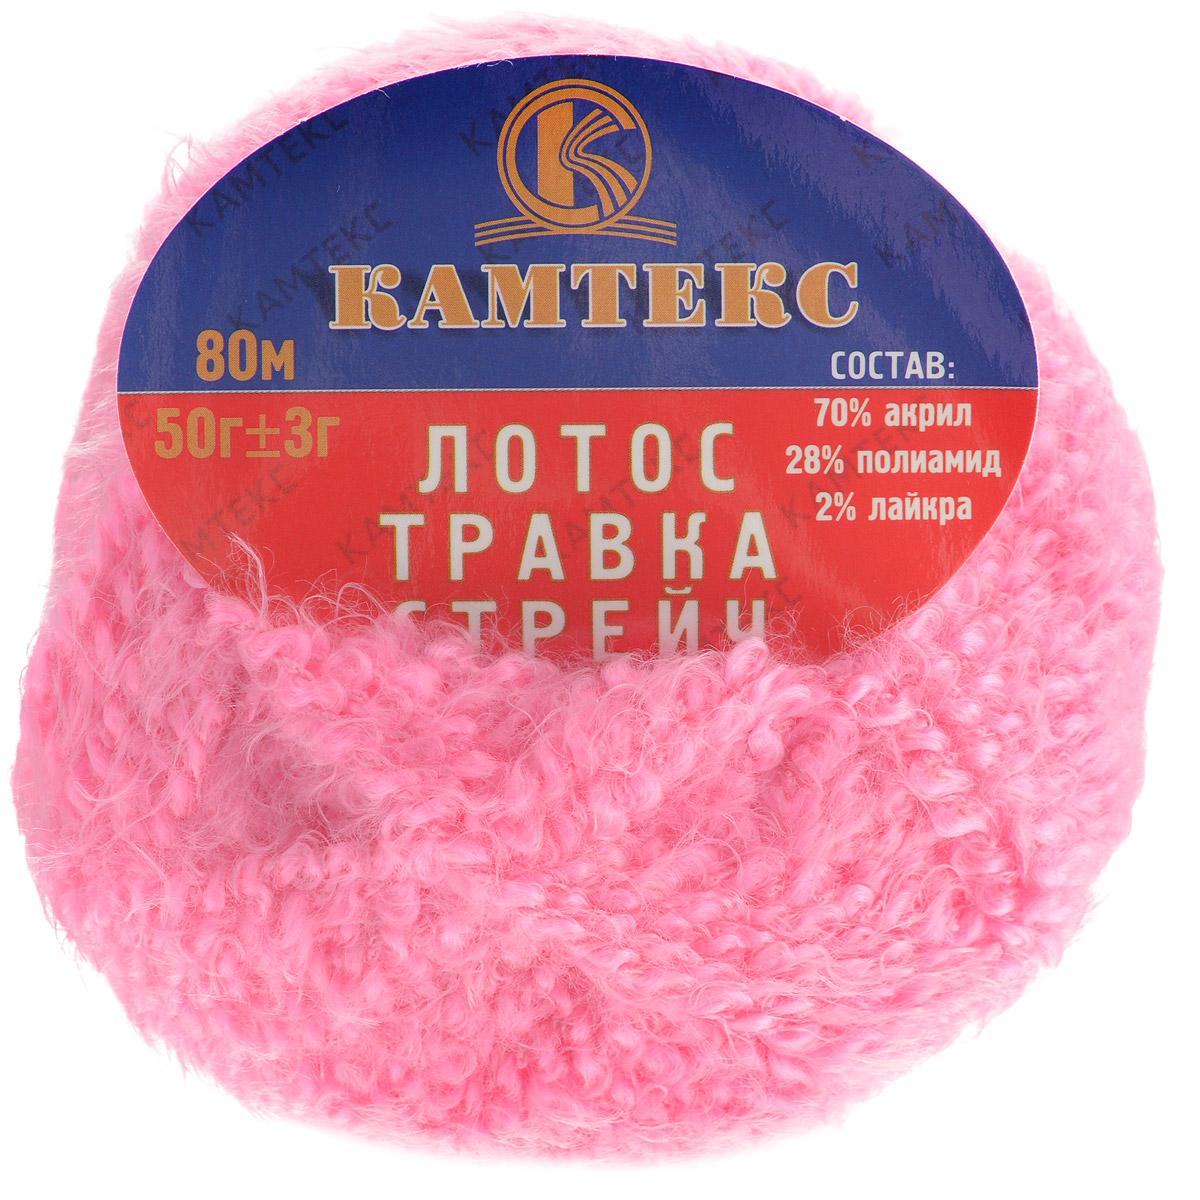 Пряжа для вязания Камтекс Лотос травка стрейч, цвет: светло-розовый (054), 80 м, 50 г, 10 шт136081_054Пряжа для вязания Камтекс Лотос травка стрейч имеет интересный и необычный состав: 70% акрил, 28% полиамид, 2% лайкра. Акрил отвечает за мягкость, полиамид за прочность и формоустойчивость, а лайкра делает полотно необыкновенно эластичным. Эта волшебная плюшевая ниточка удивляет своей мягкостью, вяжется очень просто и быстро, ворсинки не путаются. Из этой пряжи получатся замечательные мягкие игрушки, которые будут, не только приятны, но и абсолютно безопасны для маленьких детей. А яркие и сочные оттенки подарят ребенку радость и хорошее настроение.